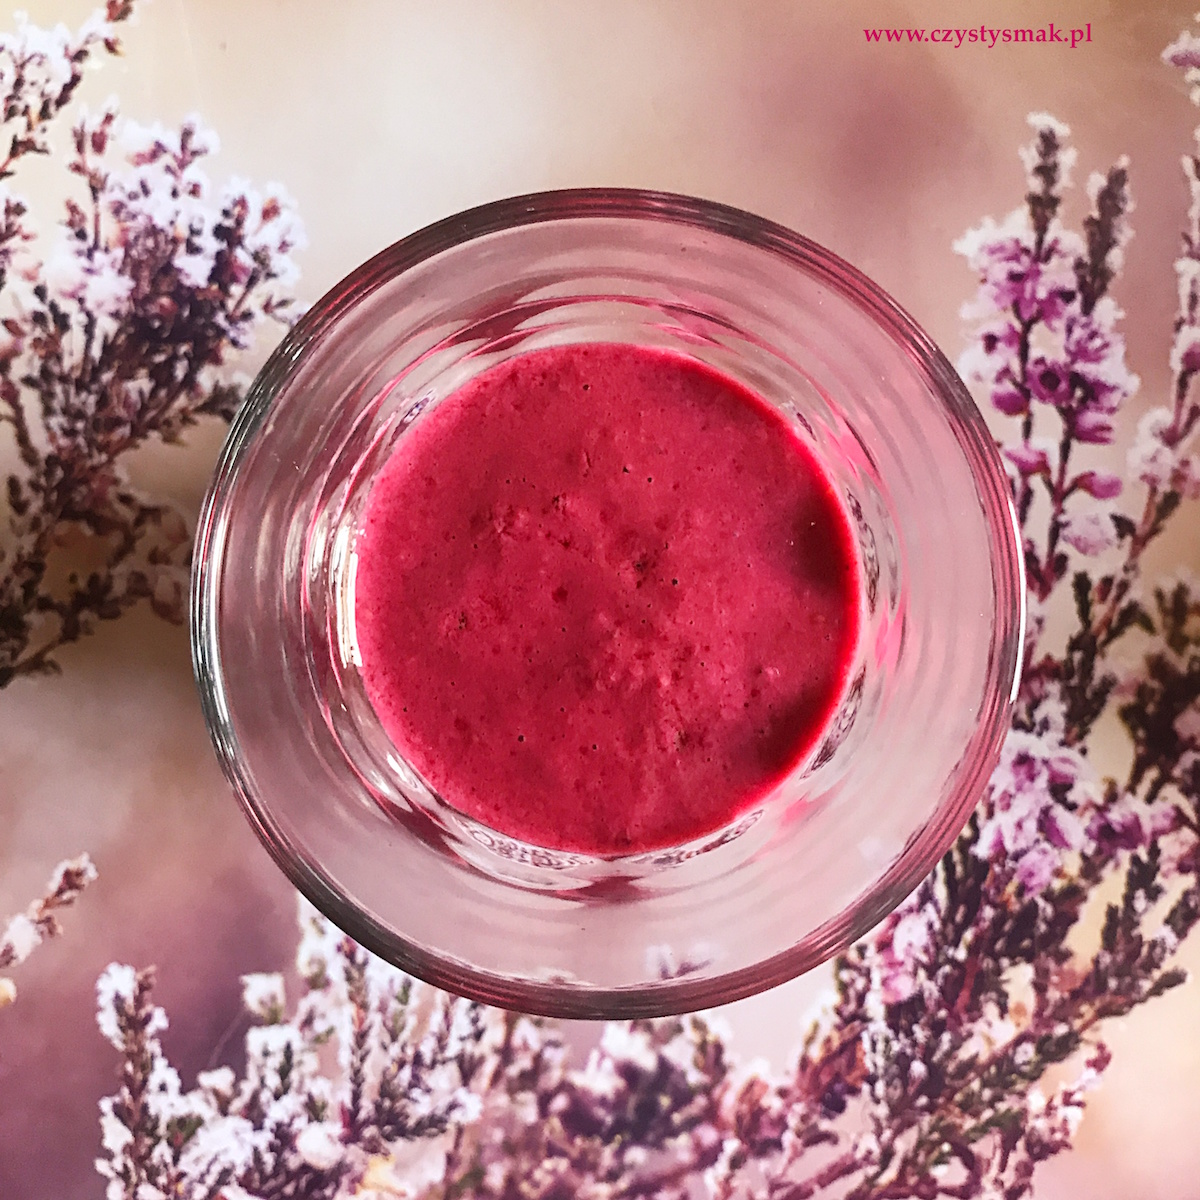 Koktajl z kefiru i owoców